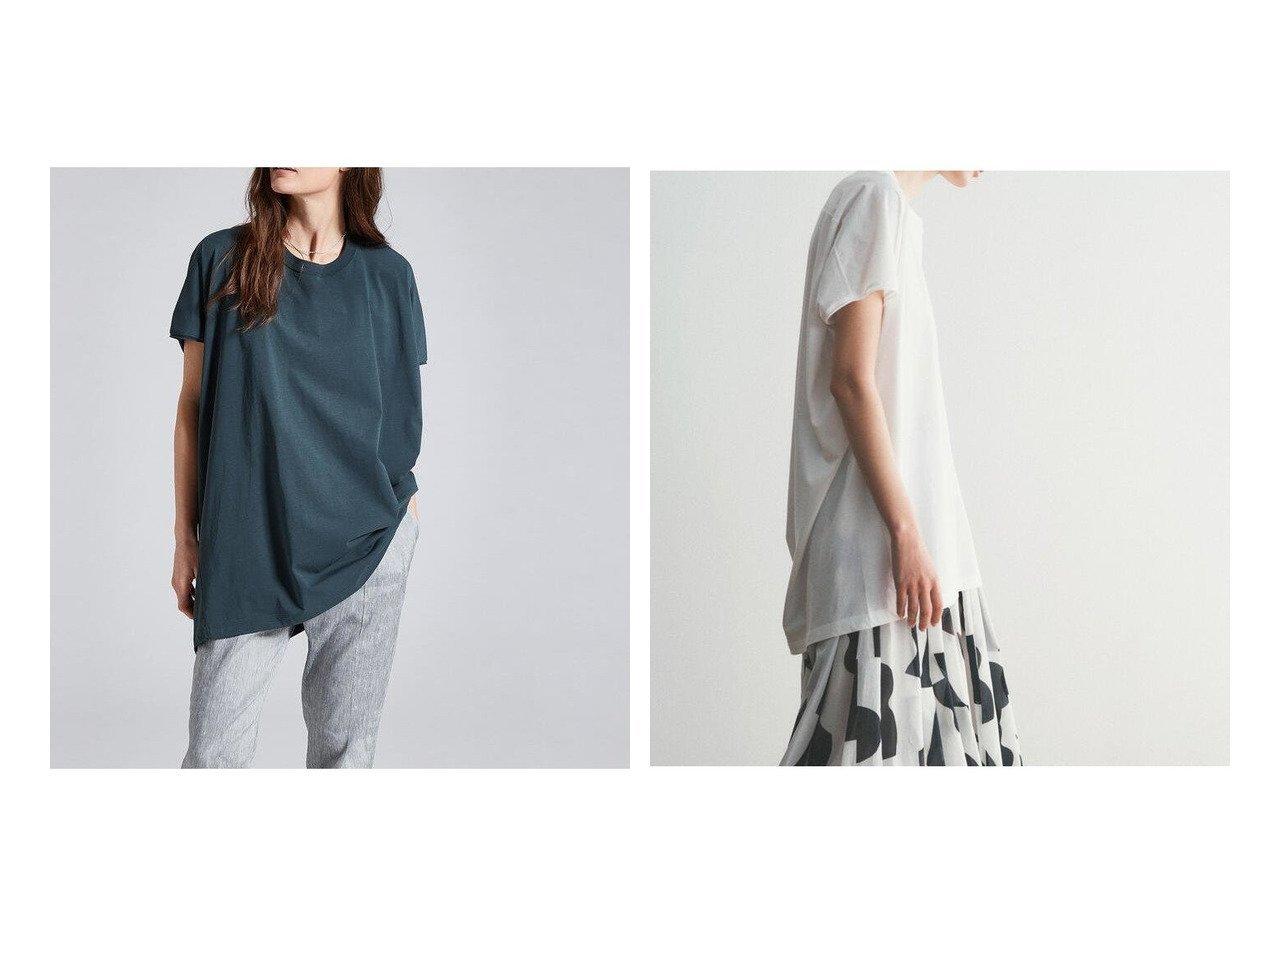 【DES PRES / TOMORROWLAND/デプレ】のソフトプレーンジャージー クルーネックプルオーバー 【トップス・カットソー】おすすめ!人気、トレンド・レディースファッションの通販 おすすめで人気の流行・トレンド、ファッションの通販商品 インテリア・家具・メンズファッション・キッズファッション・レディースファッション・服の通販 founy(ファニー) https://founy.com/ ファッション Fashion レディースファッション WOMEN トップス・カットソー Tops/Tshirt シャツ/ブラウス Shirts/Blouses ロング / Tシャツ T-Shirts プルオーバー Pullover カットソー Cut and Sewn 2021年 2021 2021春夏・S/S SS/Spring/Summer/2021 S/S・春夏 SS・Spring/Summer おすすめ Recommend シンプル ジャージー スリム ドレープ パターン ヘムライン リラックス 吸水 夏 Summer  ID:crp329100000060643